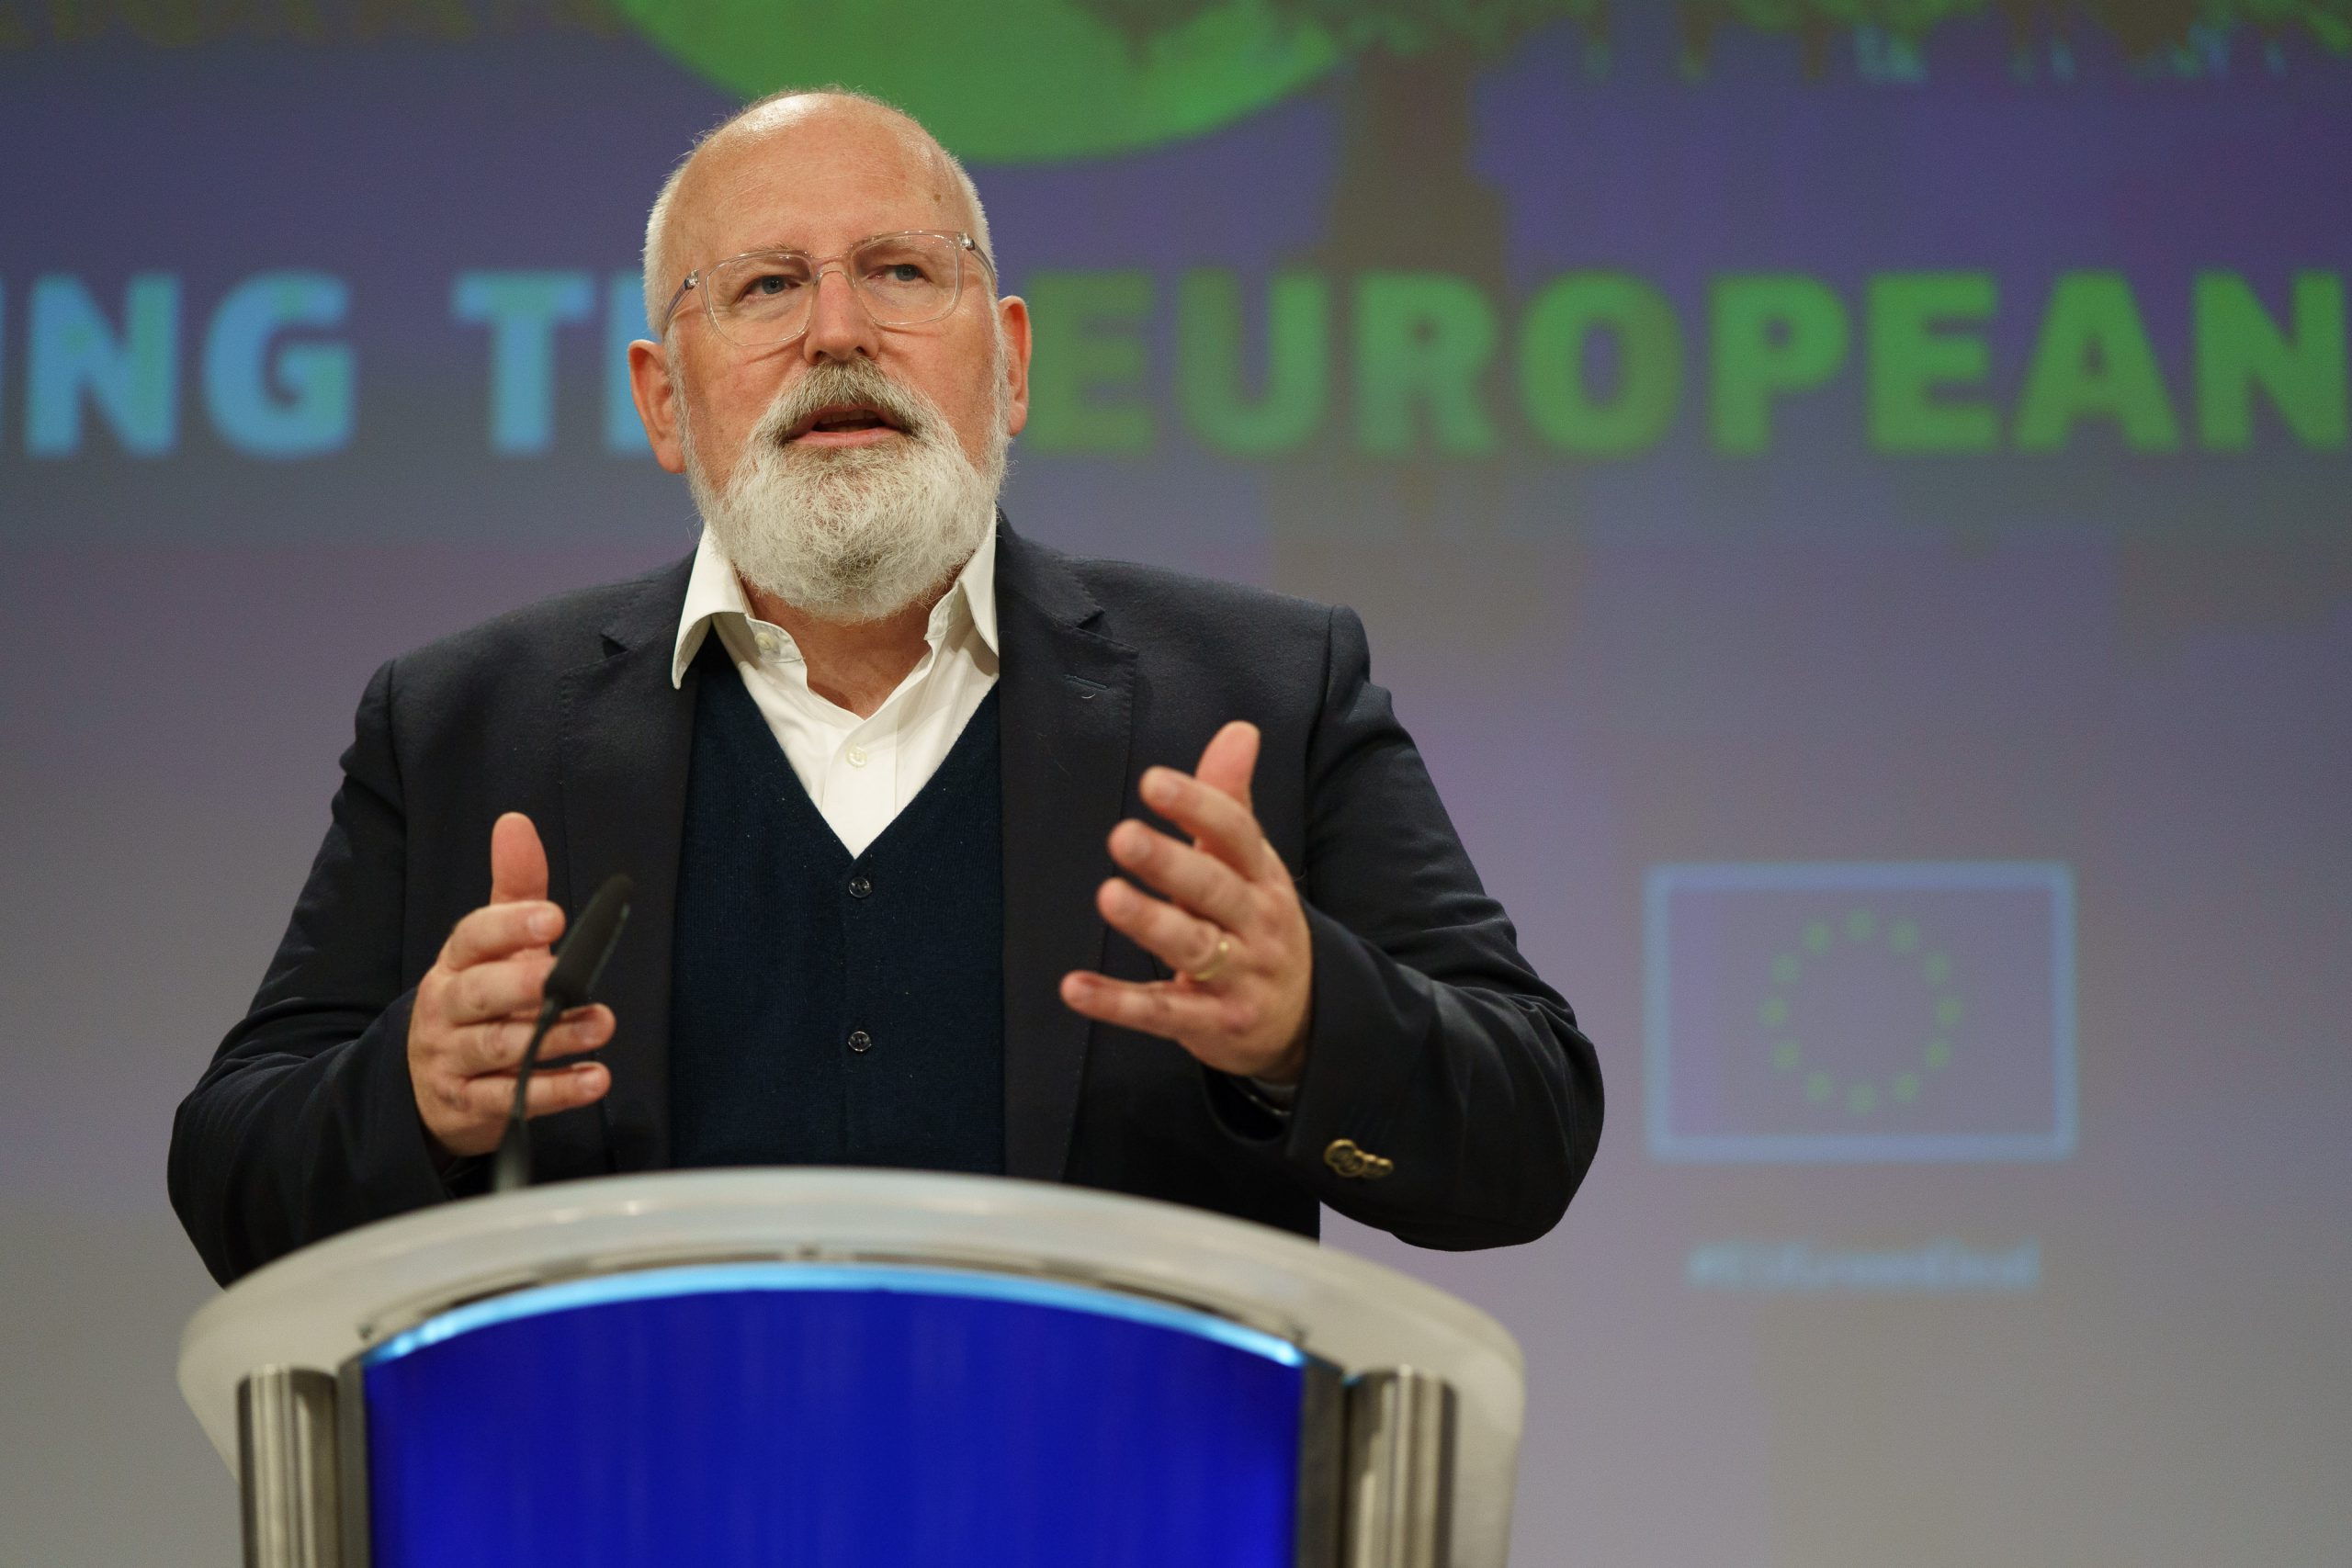 europa clima